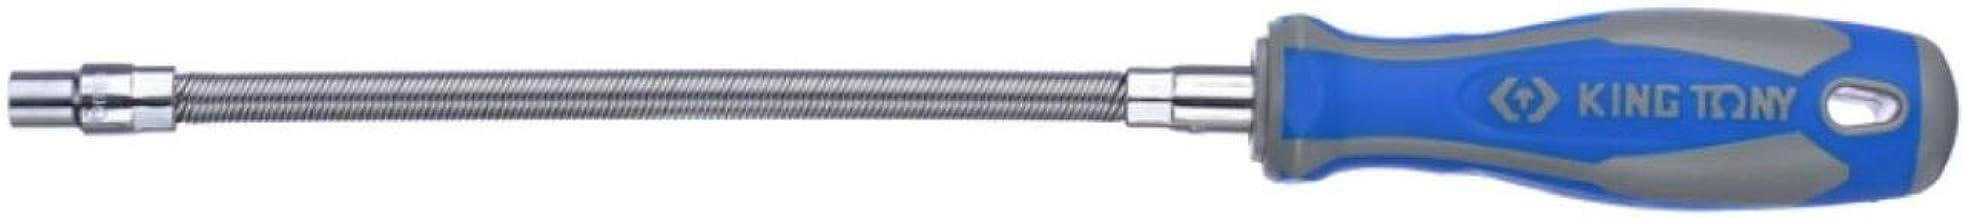 Chave Canhao com Haste Flexível KingTony BR 6 mm